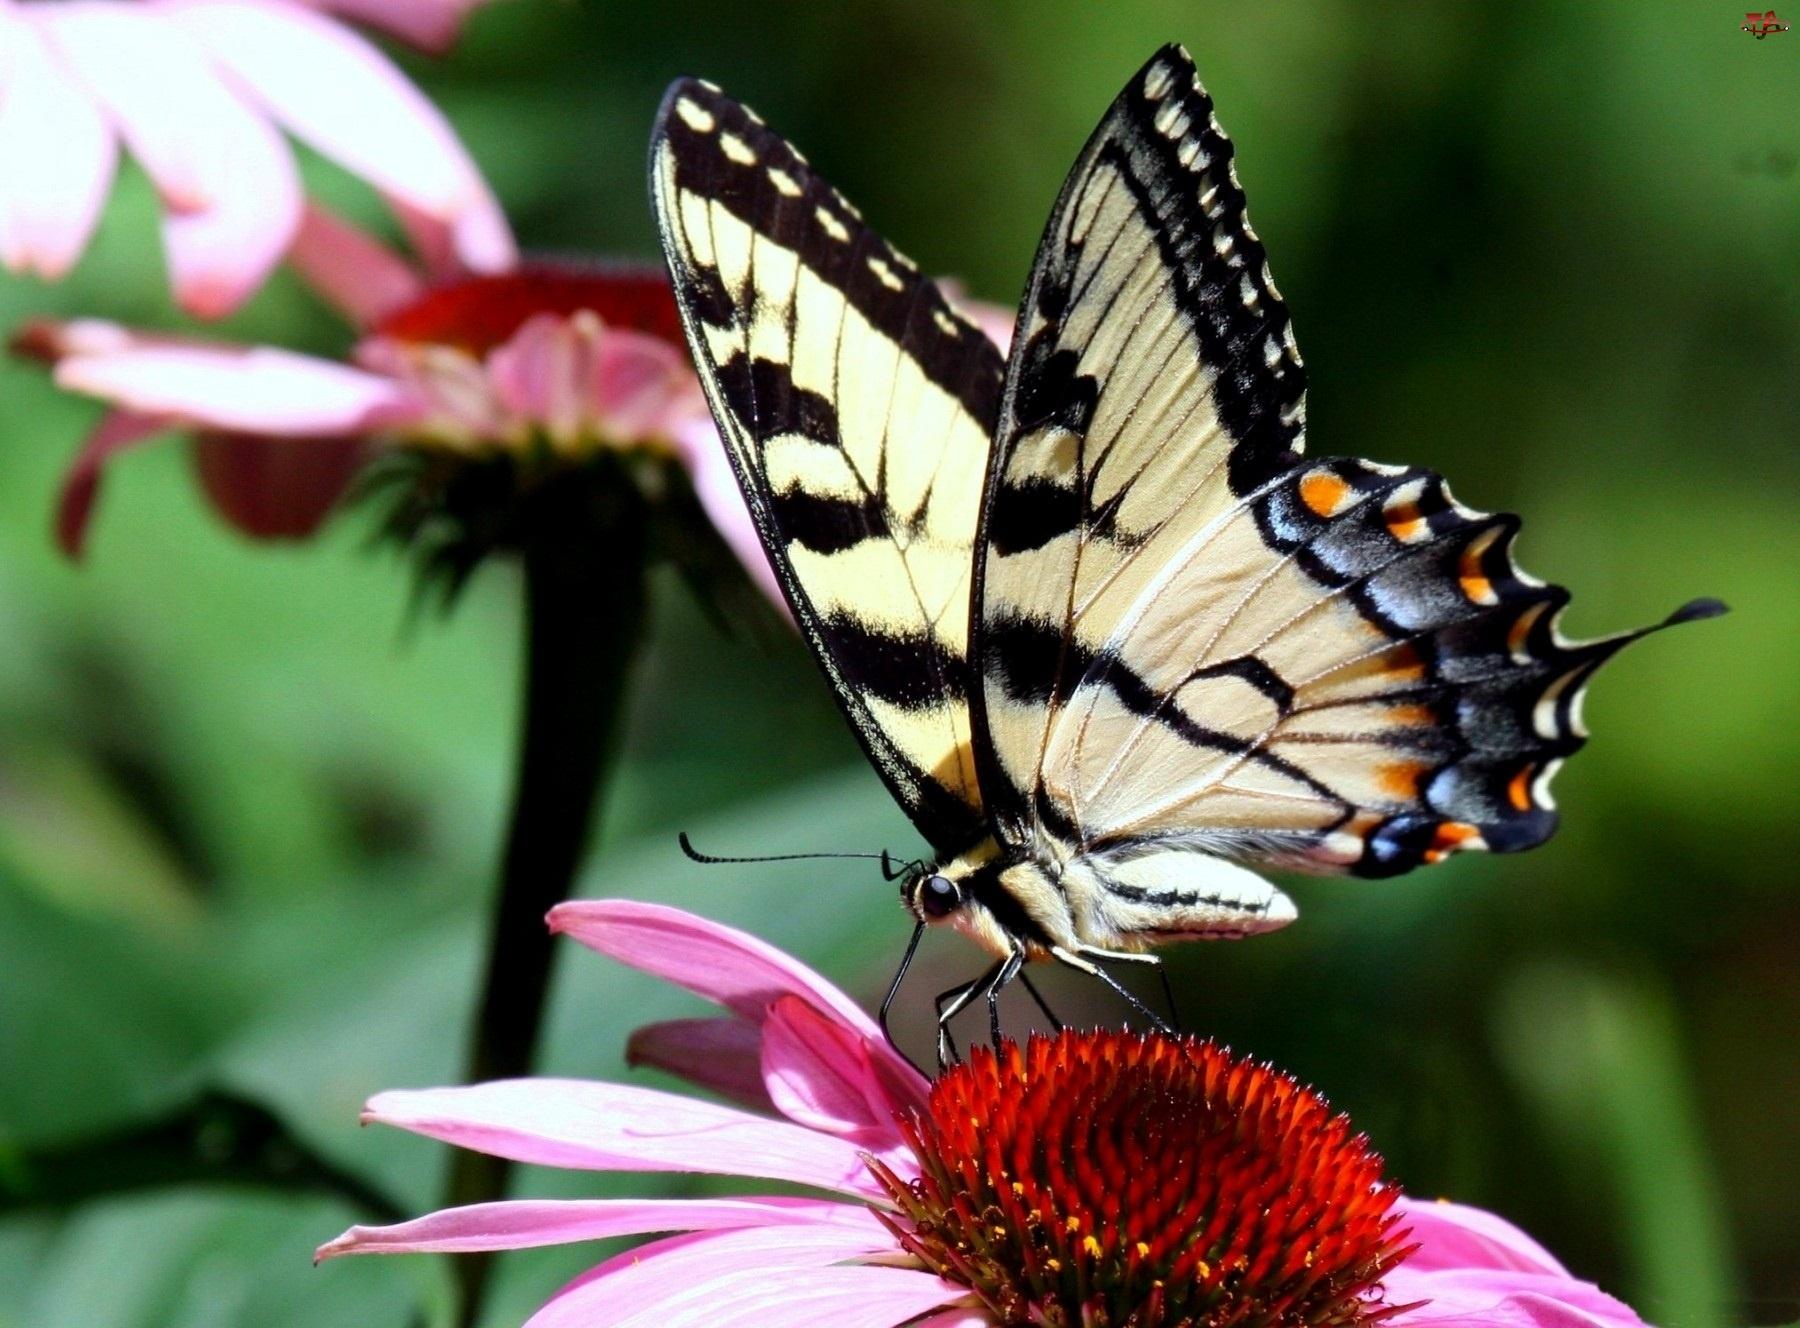 Kwiaty, Piękny, Rozłożone, Motyl, Skrzydła